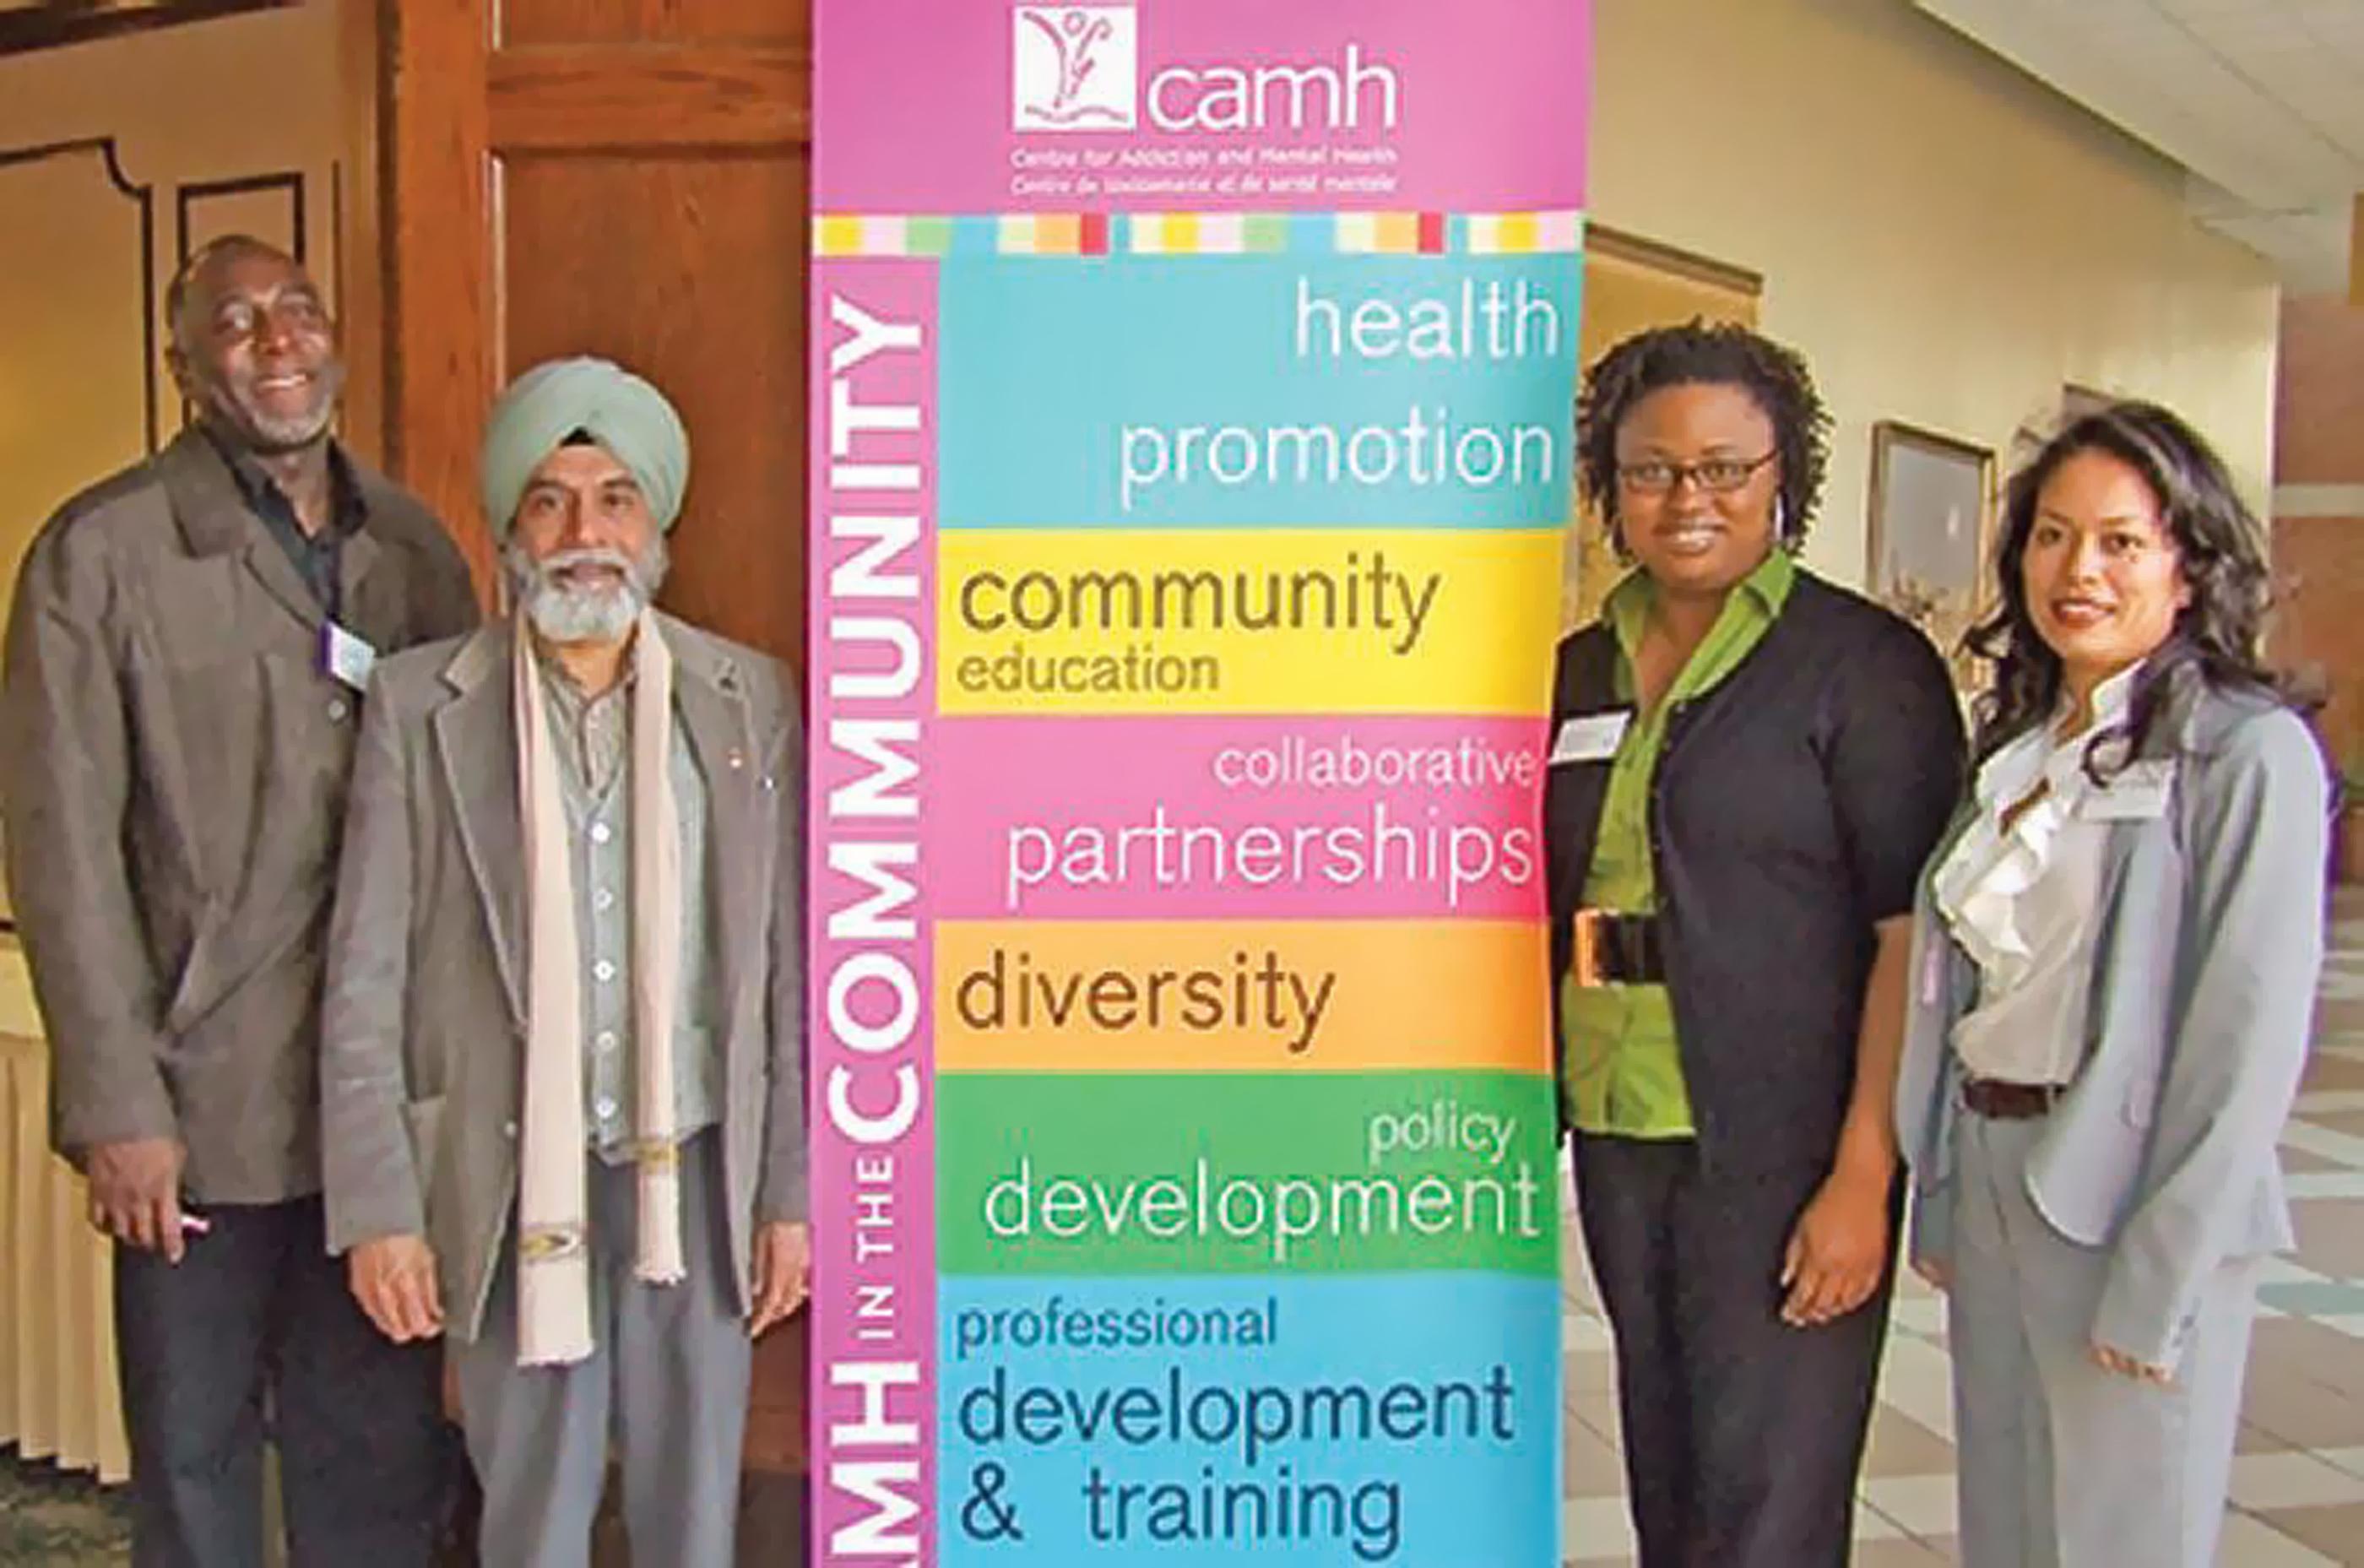 Photographie en couleurs représentants quatre membres de minorités visibles avec une affiche du CAMH au centre